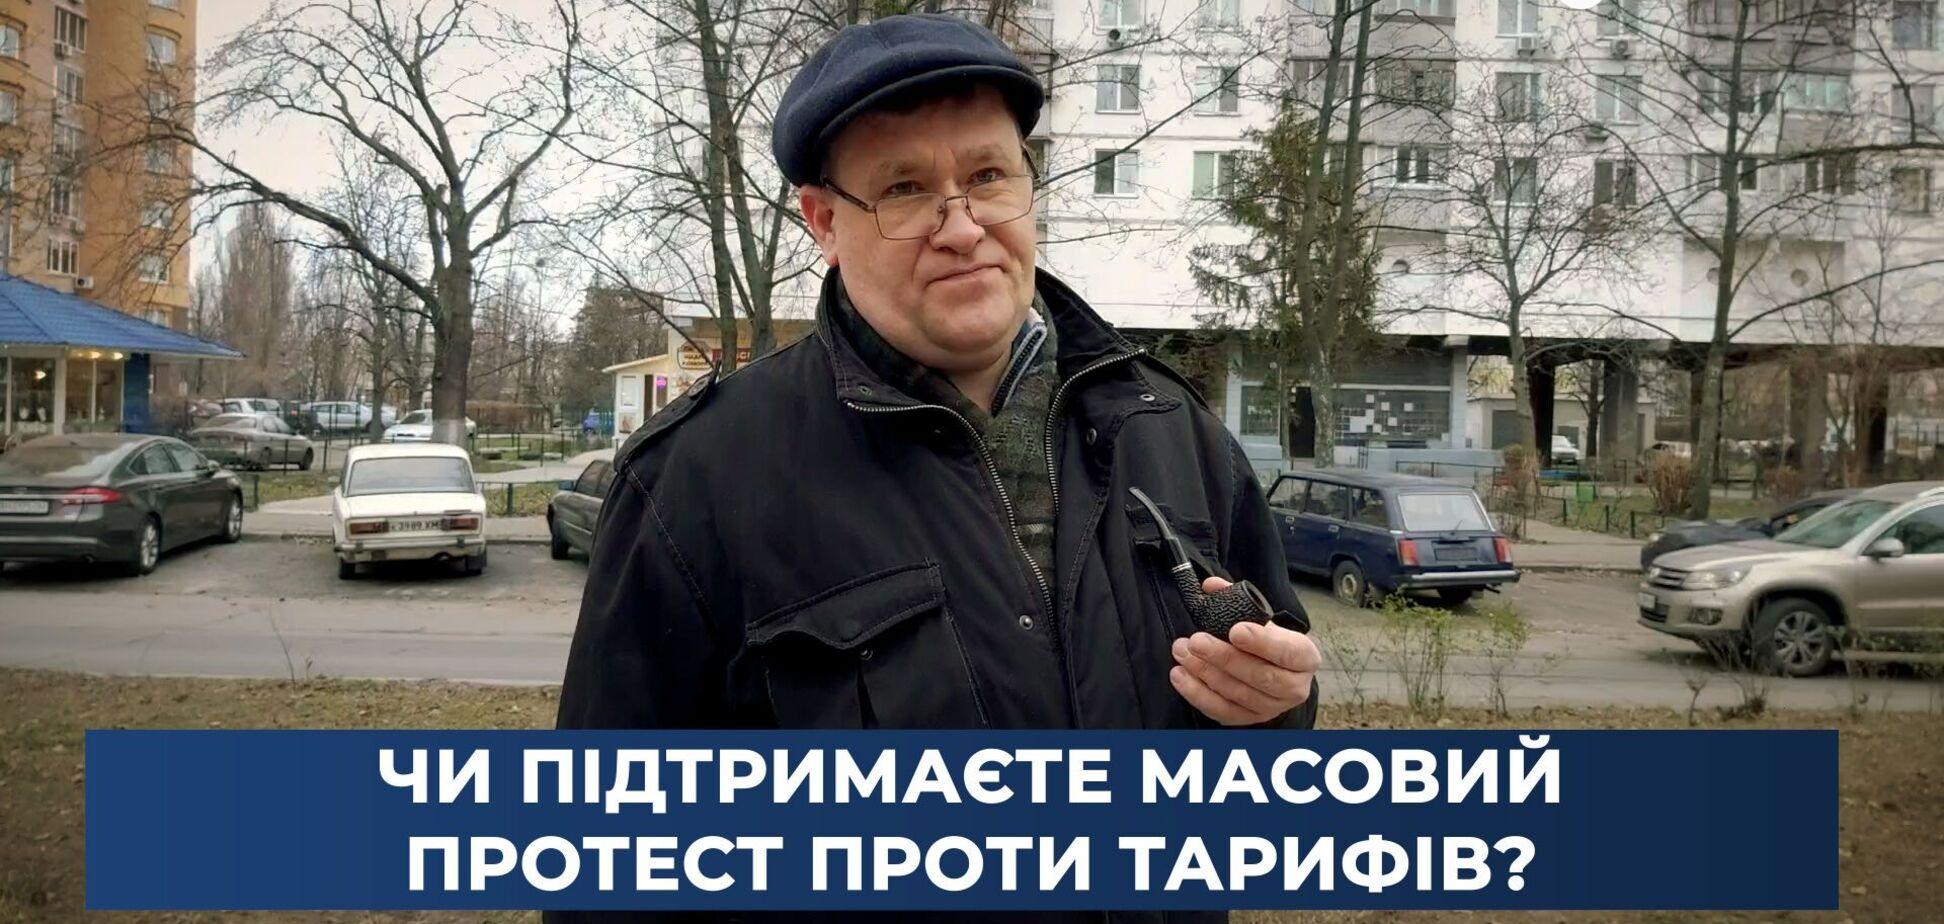 Що думають українці про протести проти підвищення тарифів на газ?